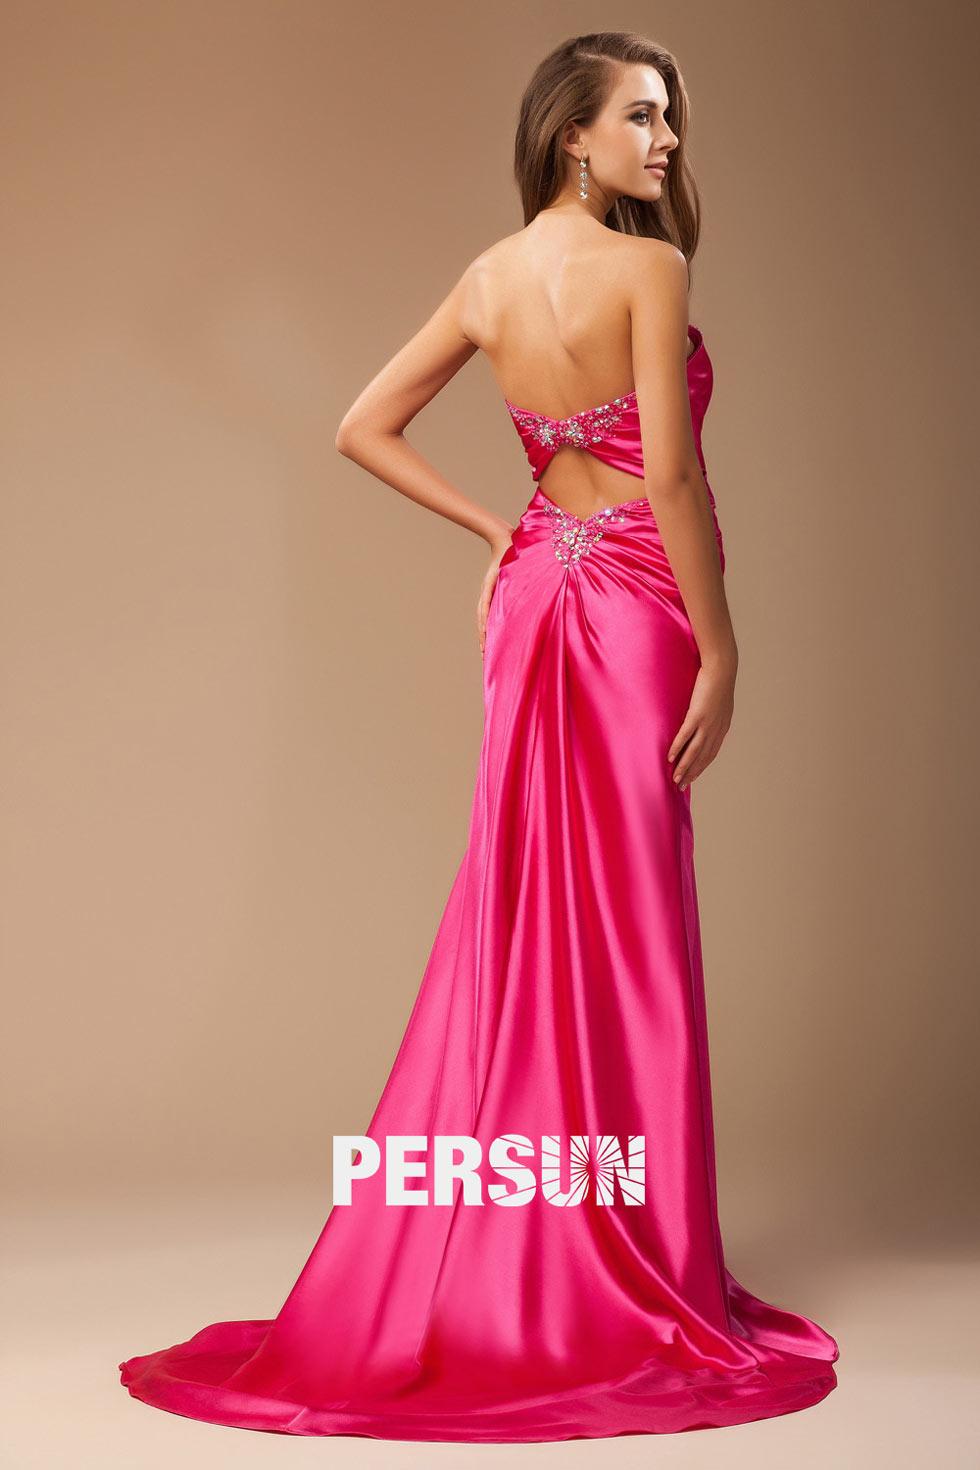 Robe rose fuchsia décolletée coeur ornée de bijoux à dos nu en satin